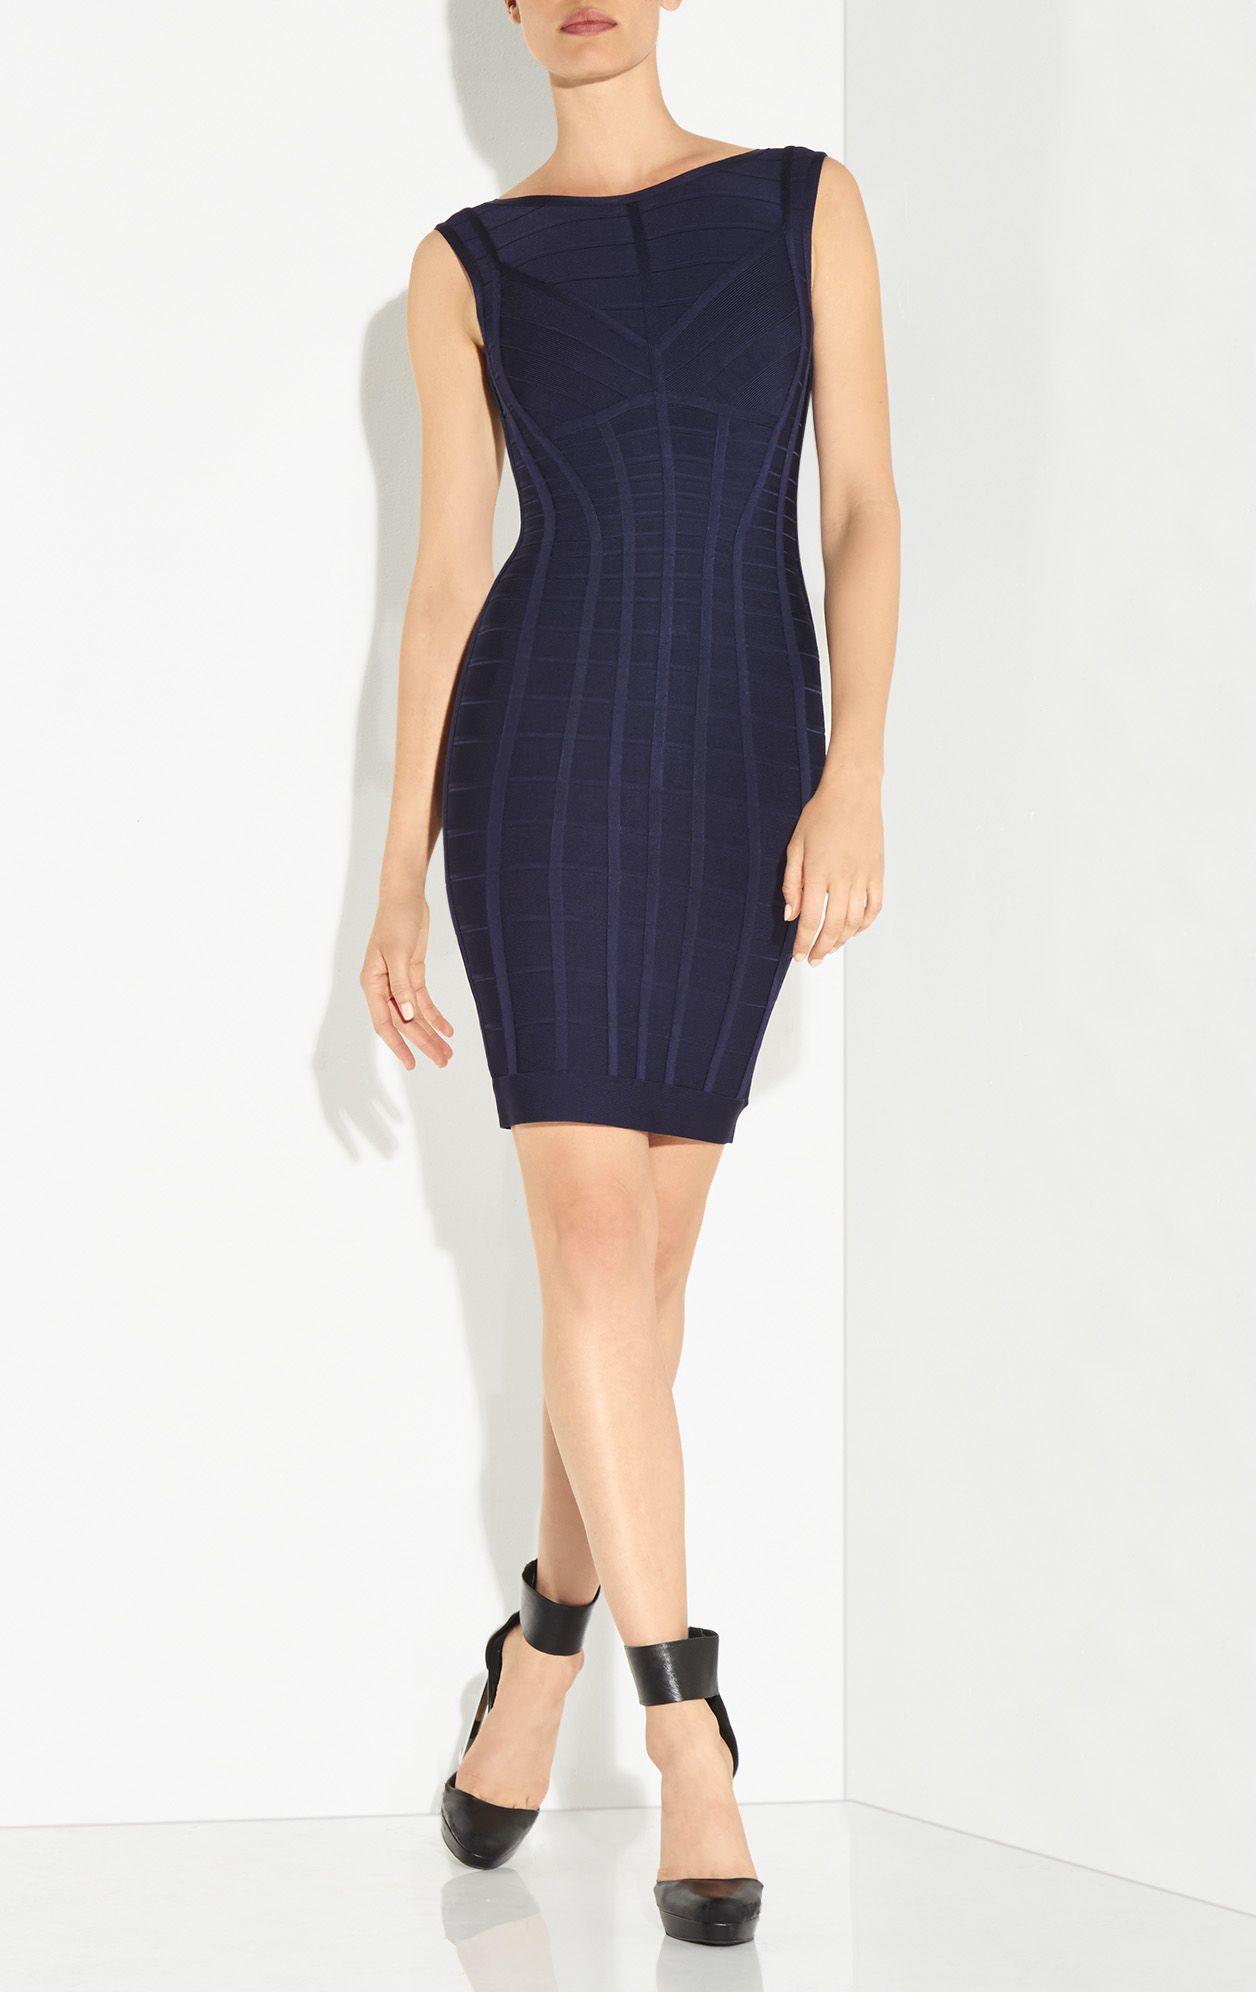 Dresses - Bandage Dresses, Evening Gowns & More | HERVELEGER.com ...